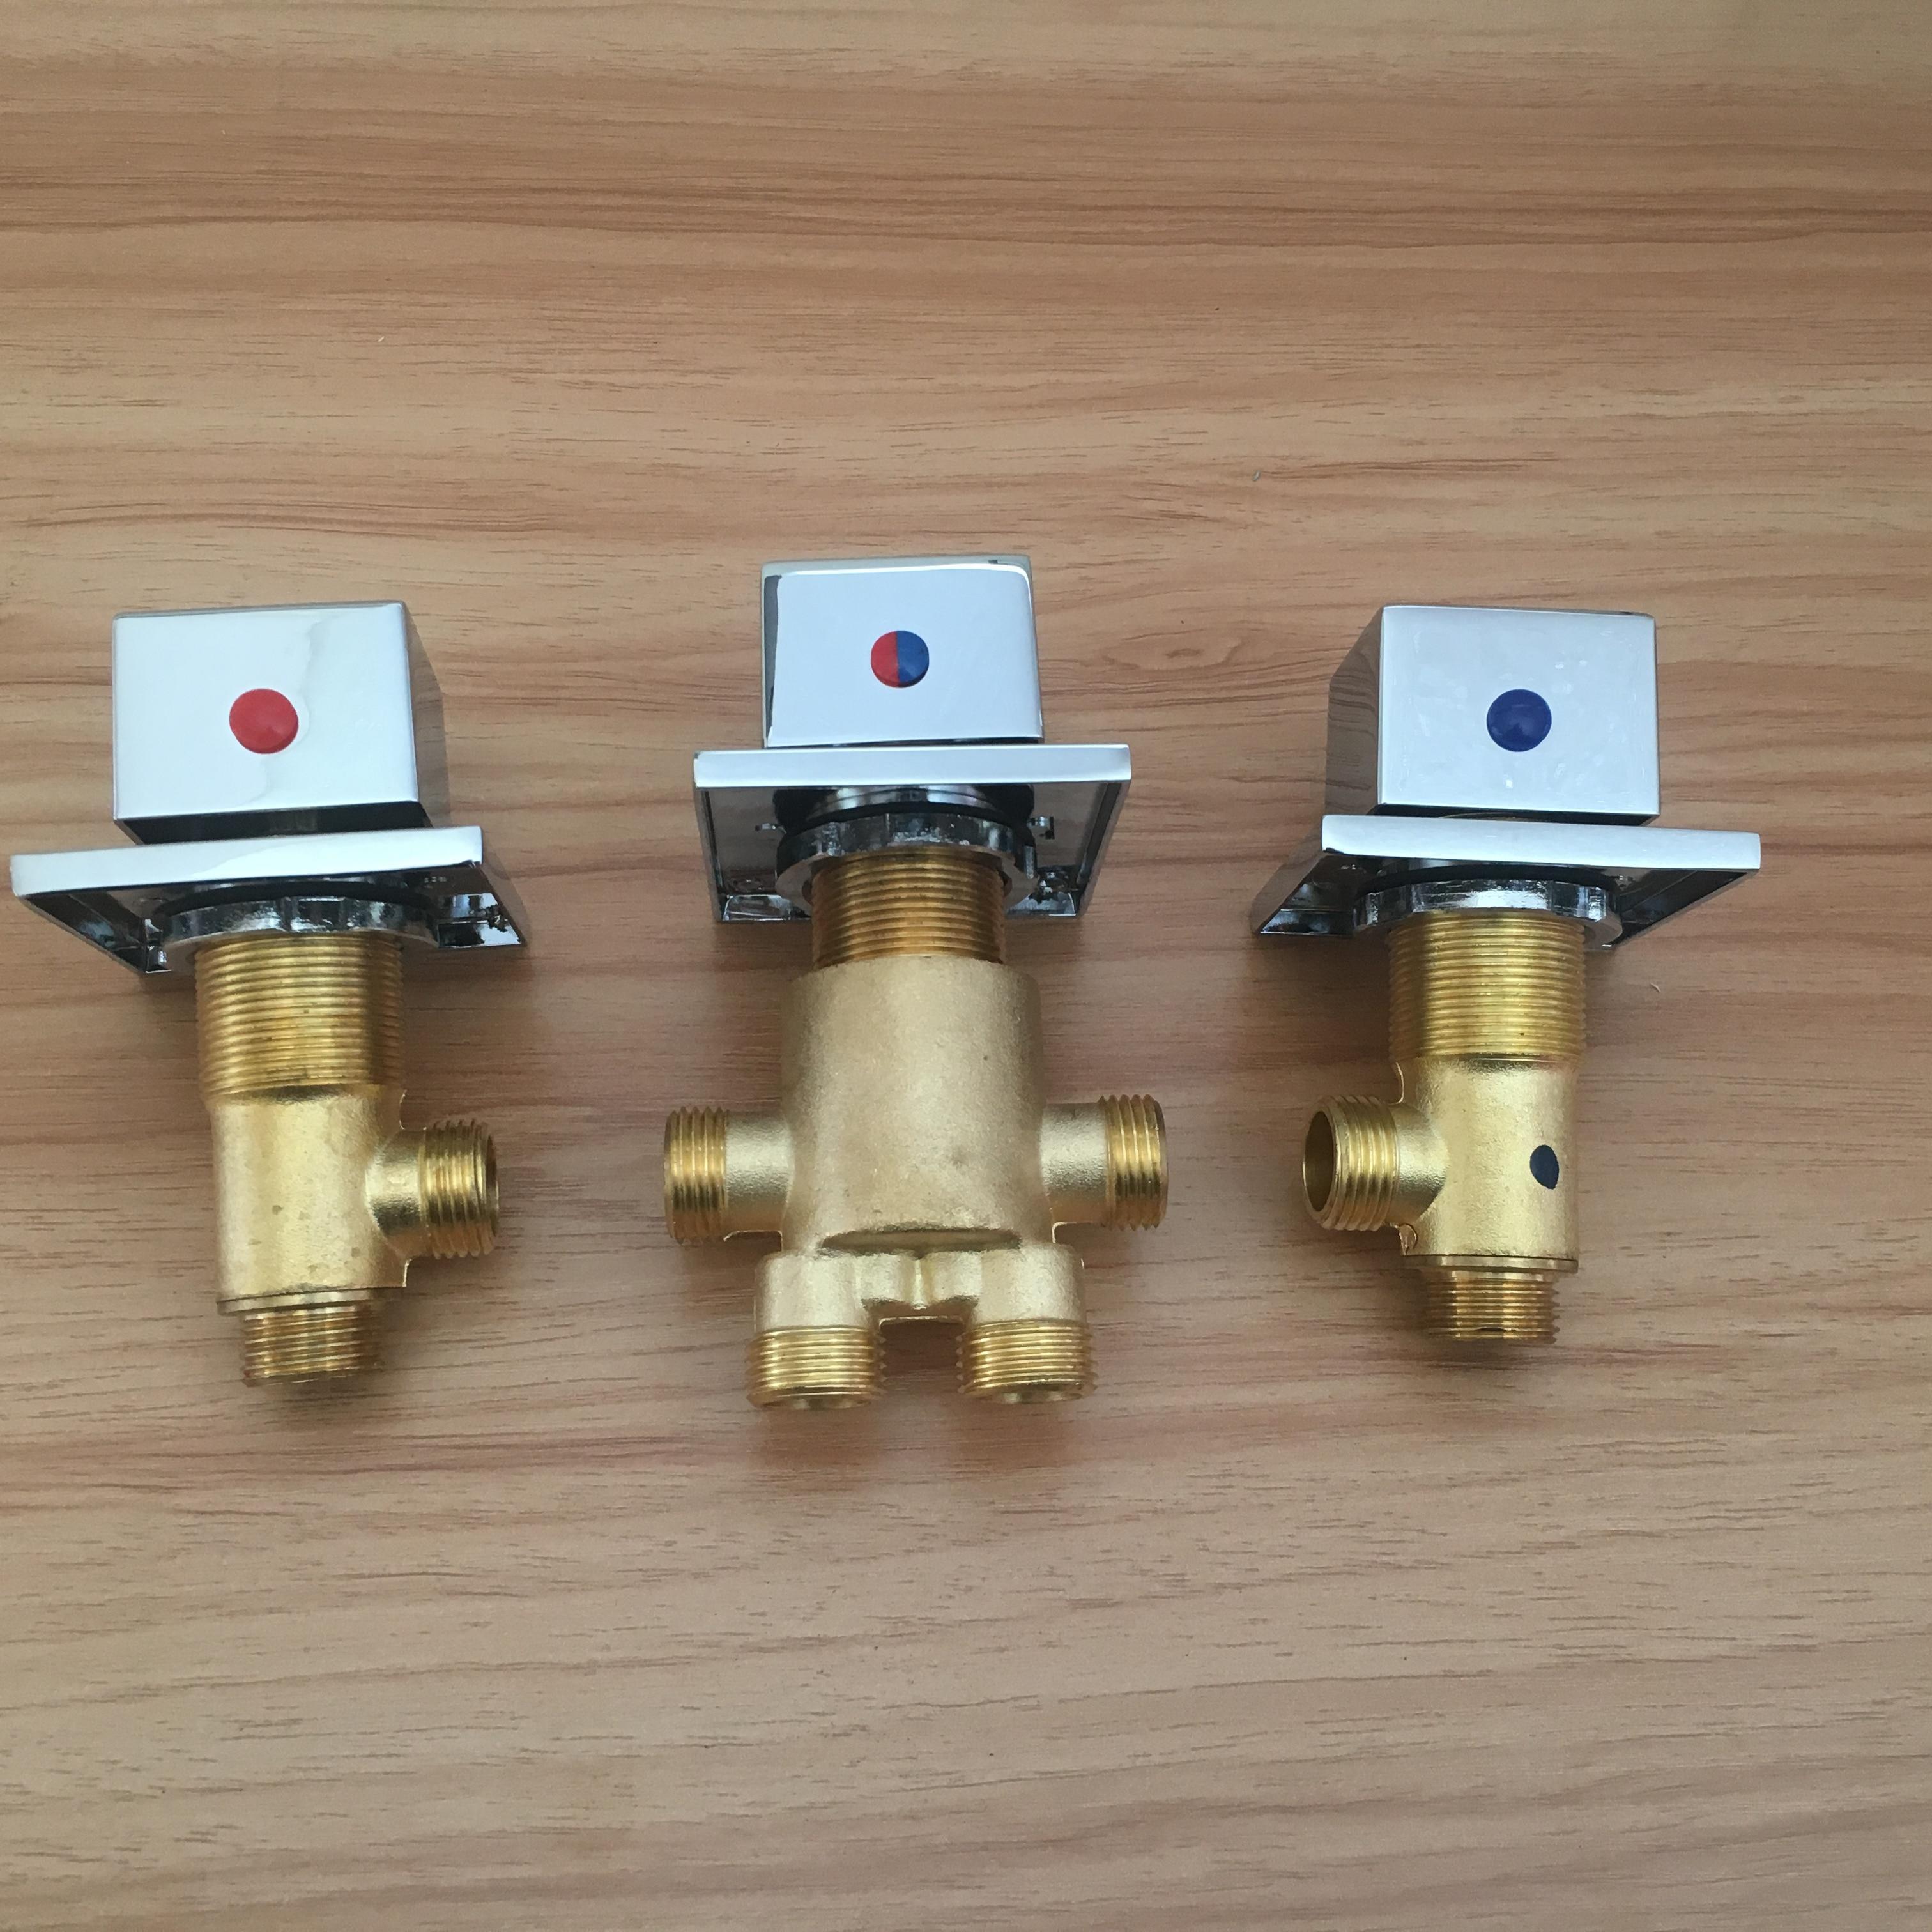 MTTUZK Square Handle Brass Switch Valve for Jacuzzi faucet shower mixer Bath faucet control valve Split Bathtub faucets